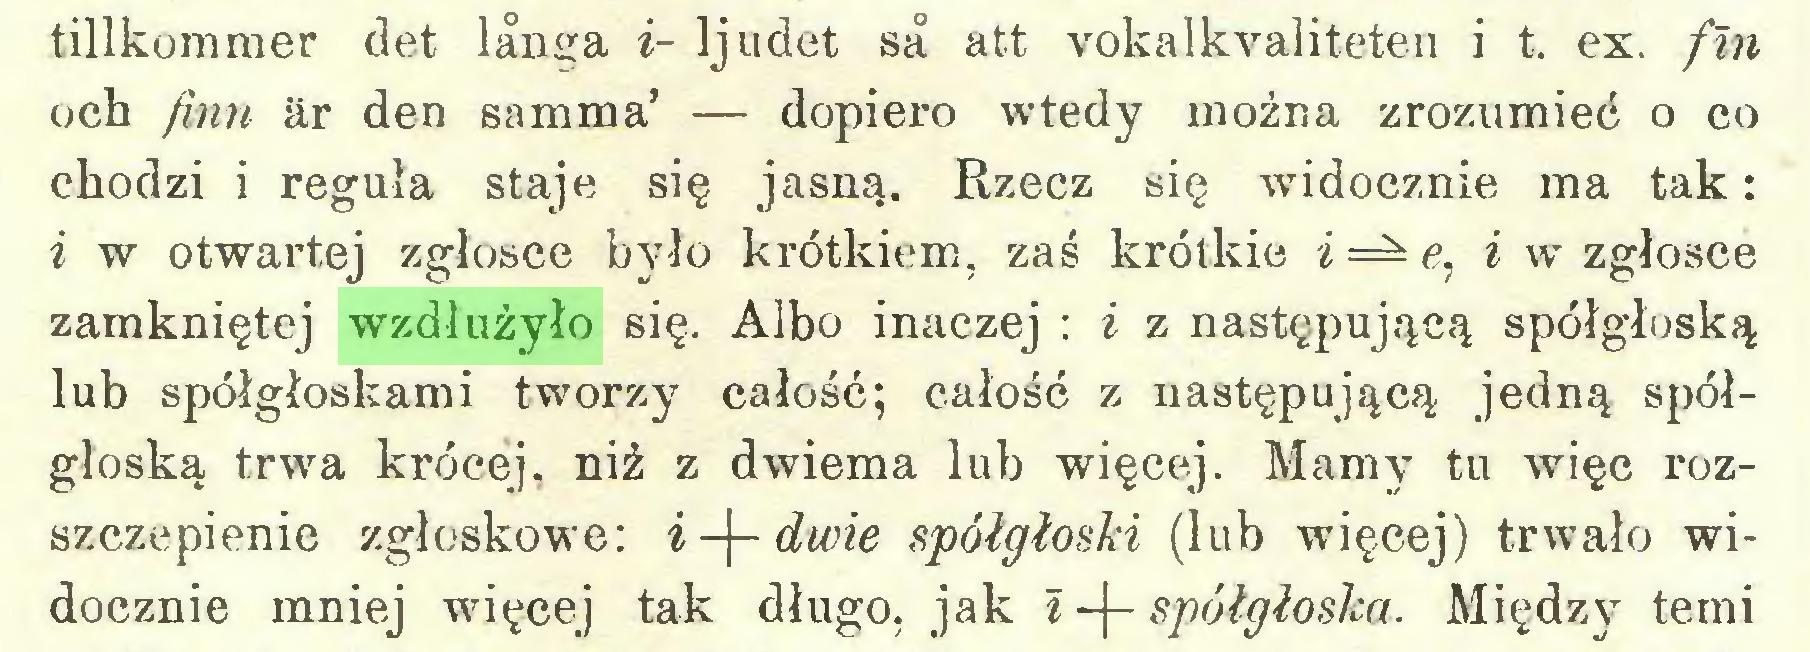 (...) tillkommer det lanya i- Ijudet sa att vokalkvaliteten i t. ex. fin och finn ar den samma' — dopiero wtedy można zrozumieć o co chodzi i reguła staje się jasną. Rzecz się widocznie ma tak: i w otwartej zgłosce było krótkiem, zaś krótkie i=^e, i w zgłosce zamkniętej wzdłużyło się. Albo inaczej : i z następującą spółgłoską lub spółgłoskami tworzy całość; całość z następującą jedną spółgłoską trwa krócej, niż z dwiema lub więcej. Mamy tu więc rozszczepienie zgłoskowe: i -f- dwie spółgłoski (lub więcej) trwało widocznie mniej więcej tak długo, jak i -j- spółgłoska. Między temi...